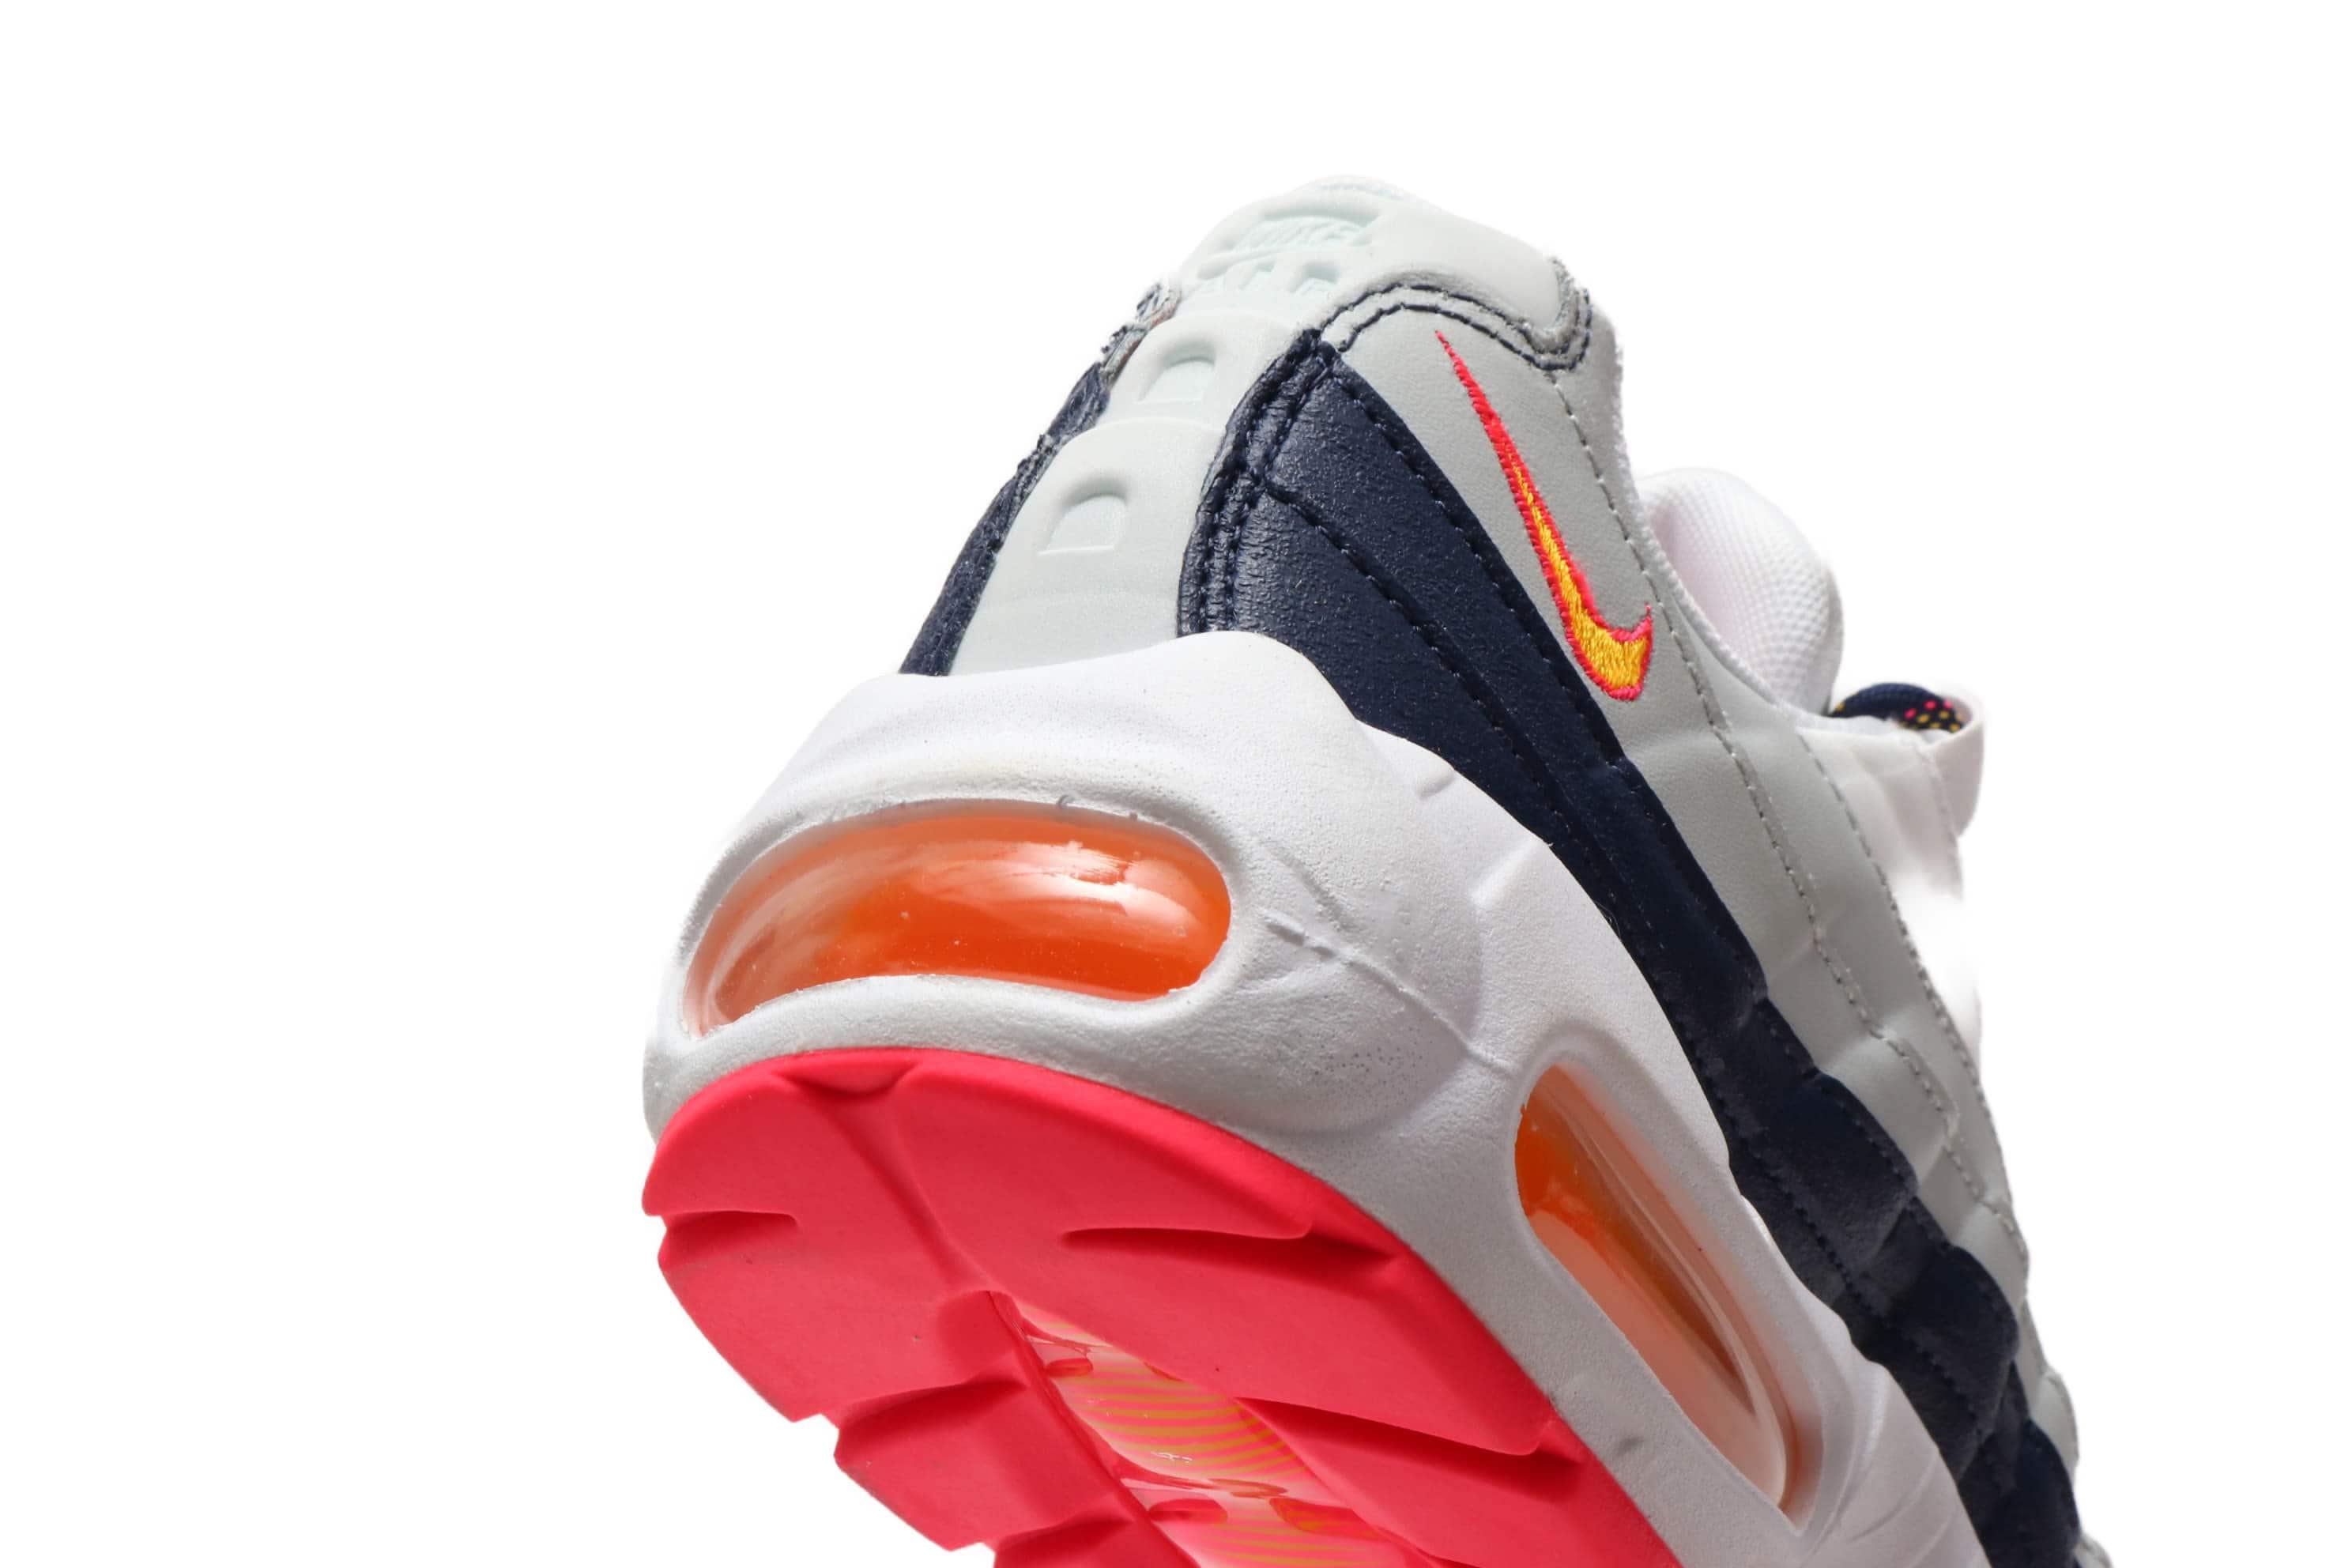 Nike Wmns Air Max 95 Midnight Navy Laser Orange